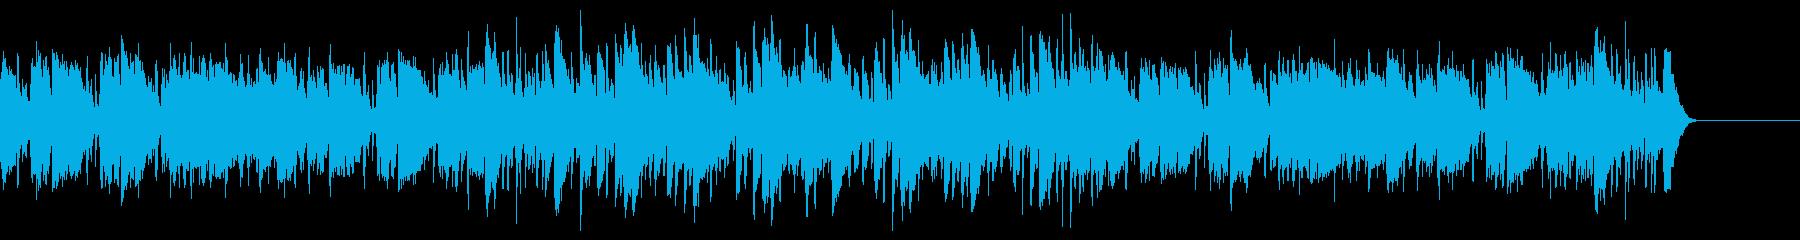 オープニング・夏の海・大人なジャズの再生済みの波形